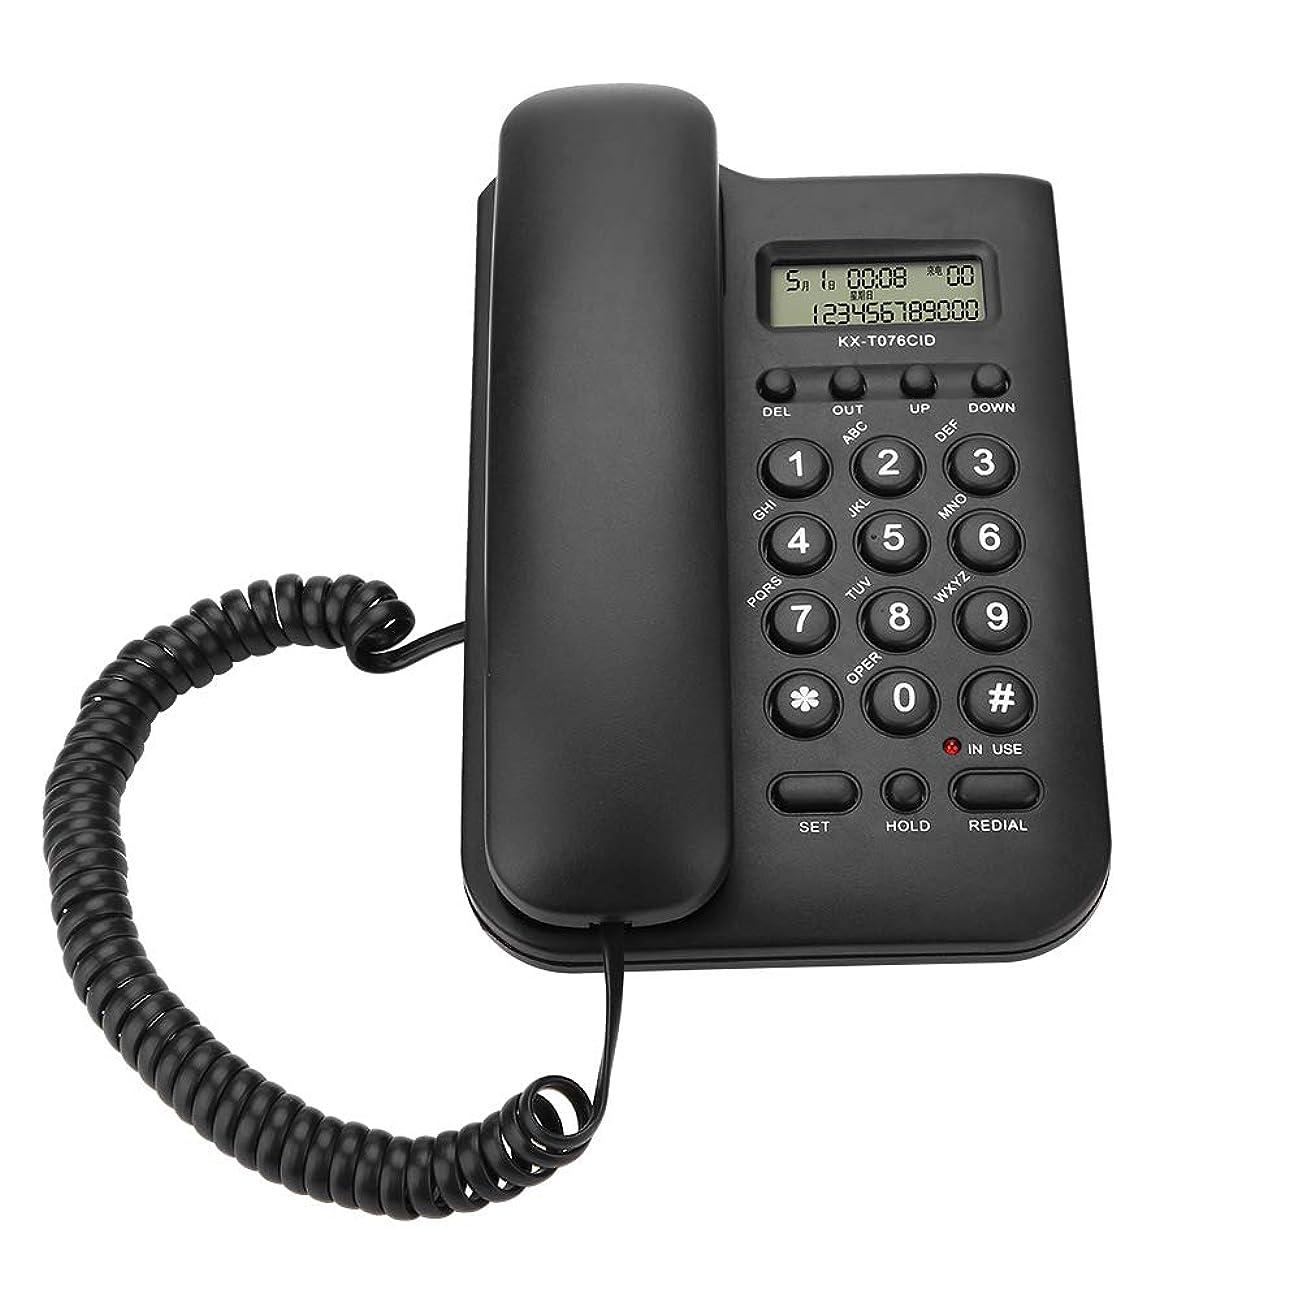 取り付けファイアルにぎやかデジタル 電話機 VBESTLIFE 親機のみ 迷惑電話対策機能搭載 FSK/DTMFデュアルシステム ホーム ホテル オフェスなど適用(ブラック)